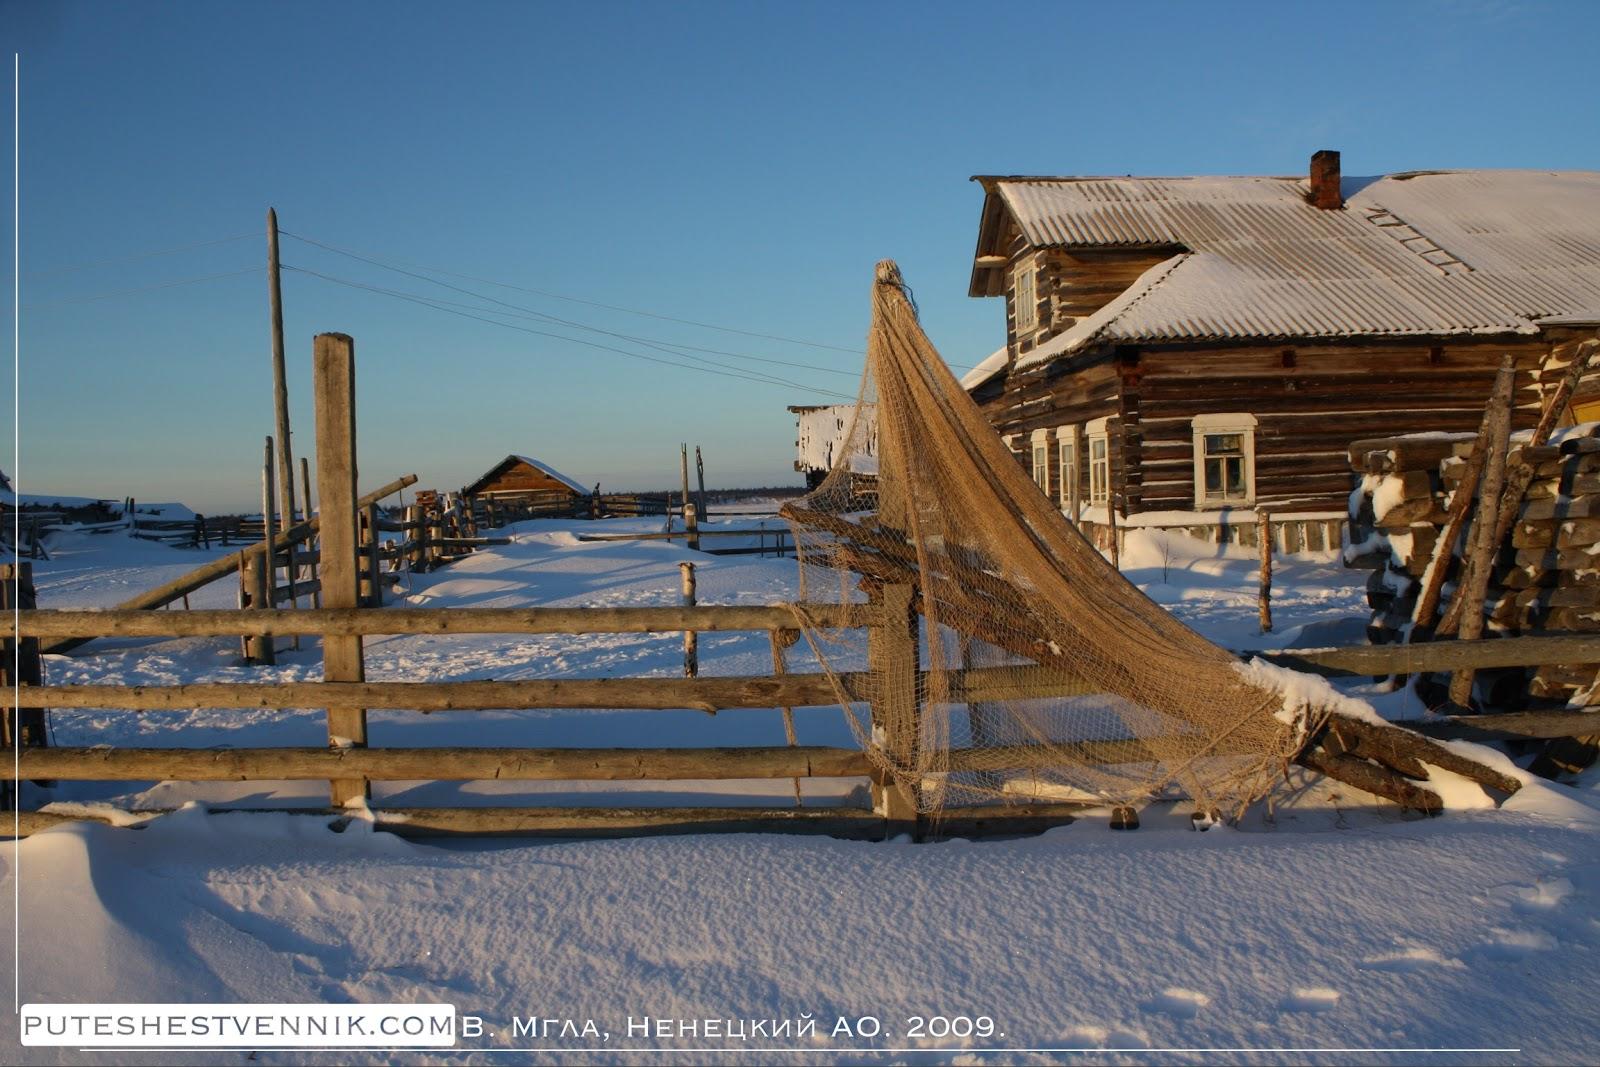 Русский деревянный дом и рыбацкая сеть на заборе